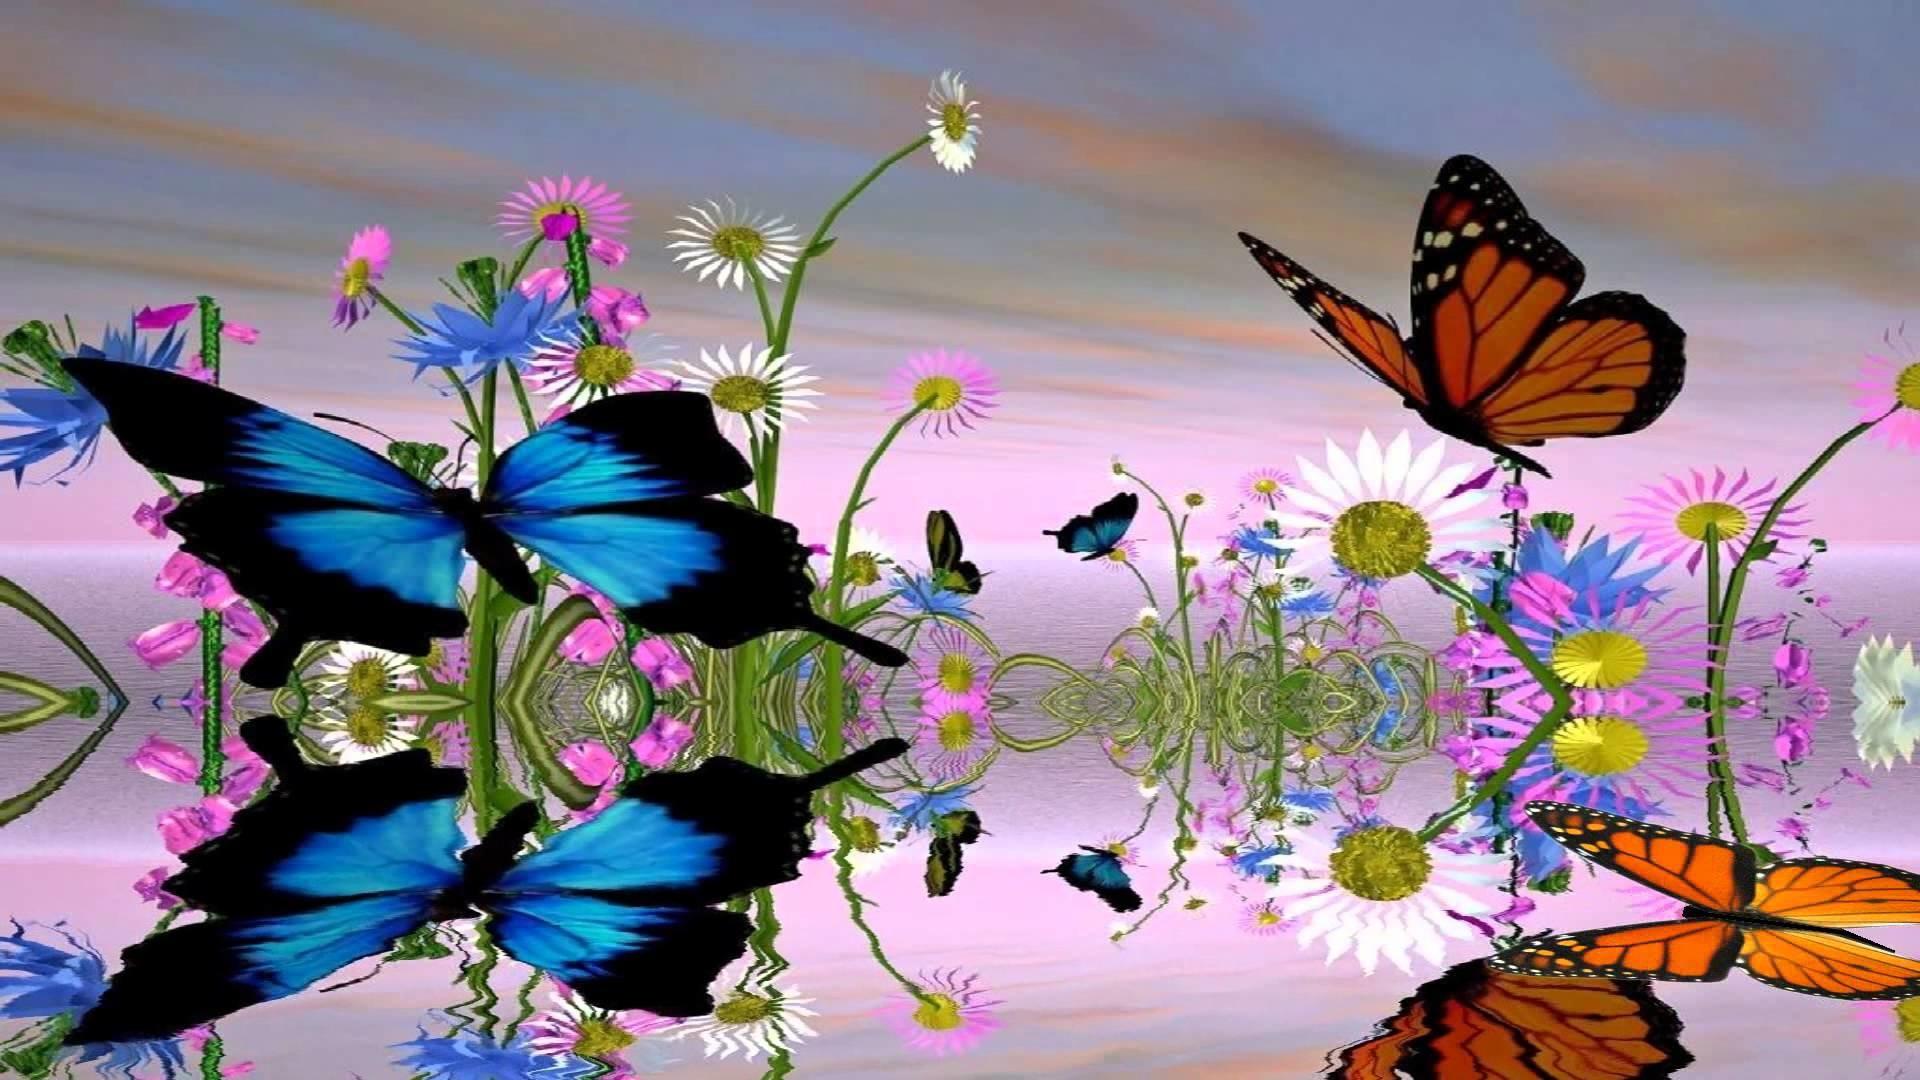 Fantastic Butterfly Animated Wallpaper https://www.desktopanimated.com –  YouTube